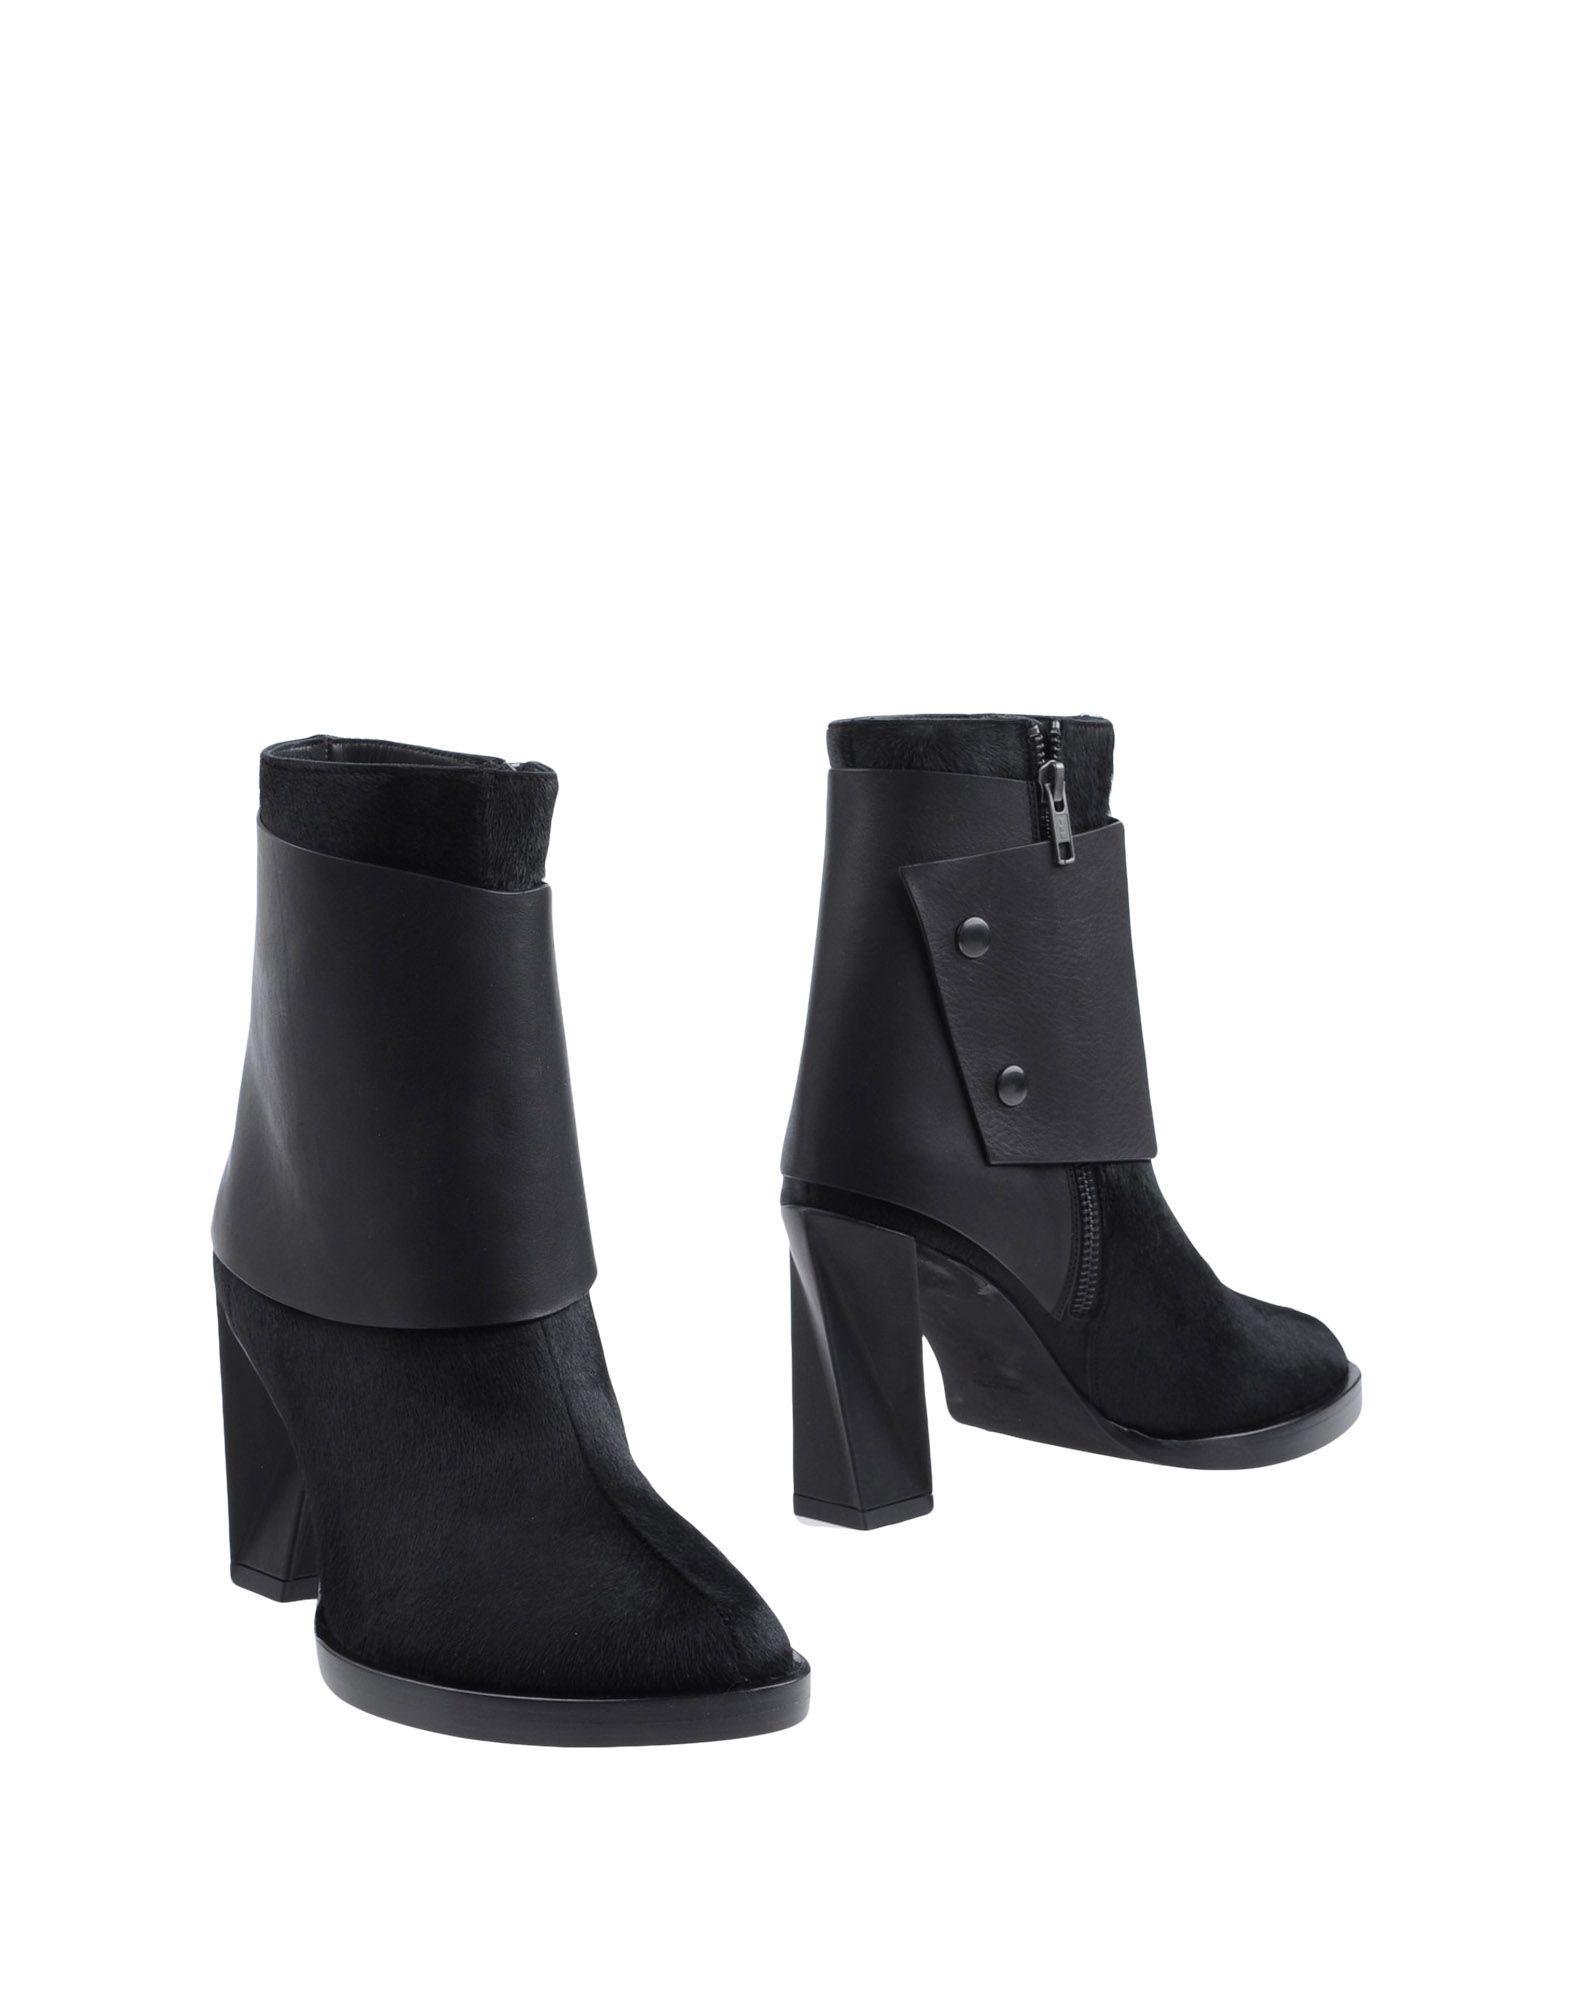 Ann Demeulemeester Stiefelette Damen  11314589OFGünstige gut aussehende Schuhe